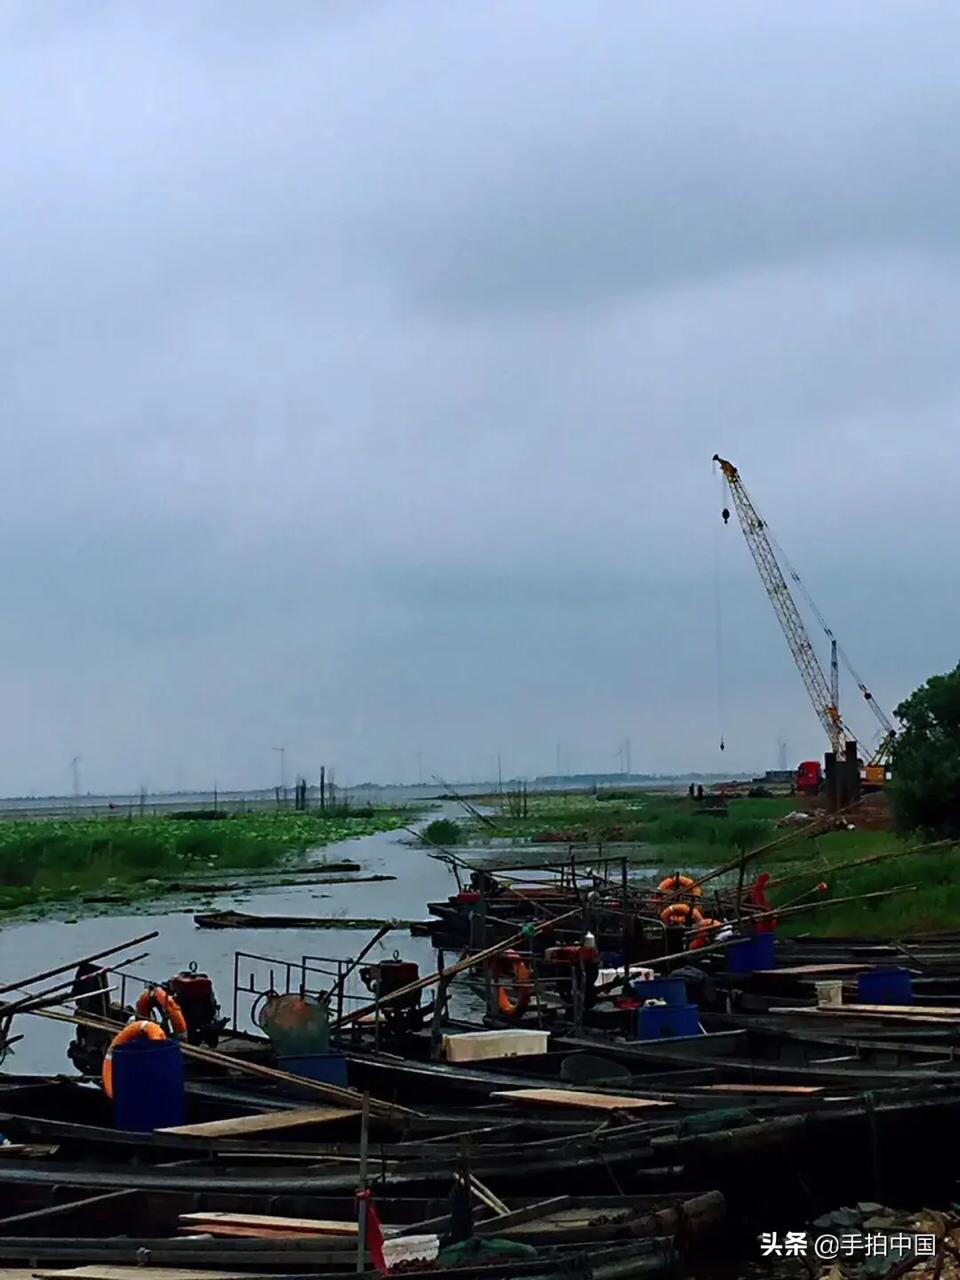 手拍中國-美麗的家鄉:黃湖大橋,安徽省最長的跨湖大